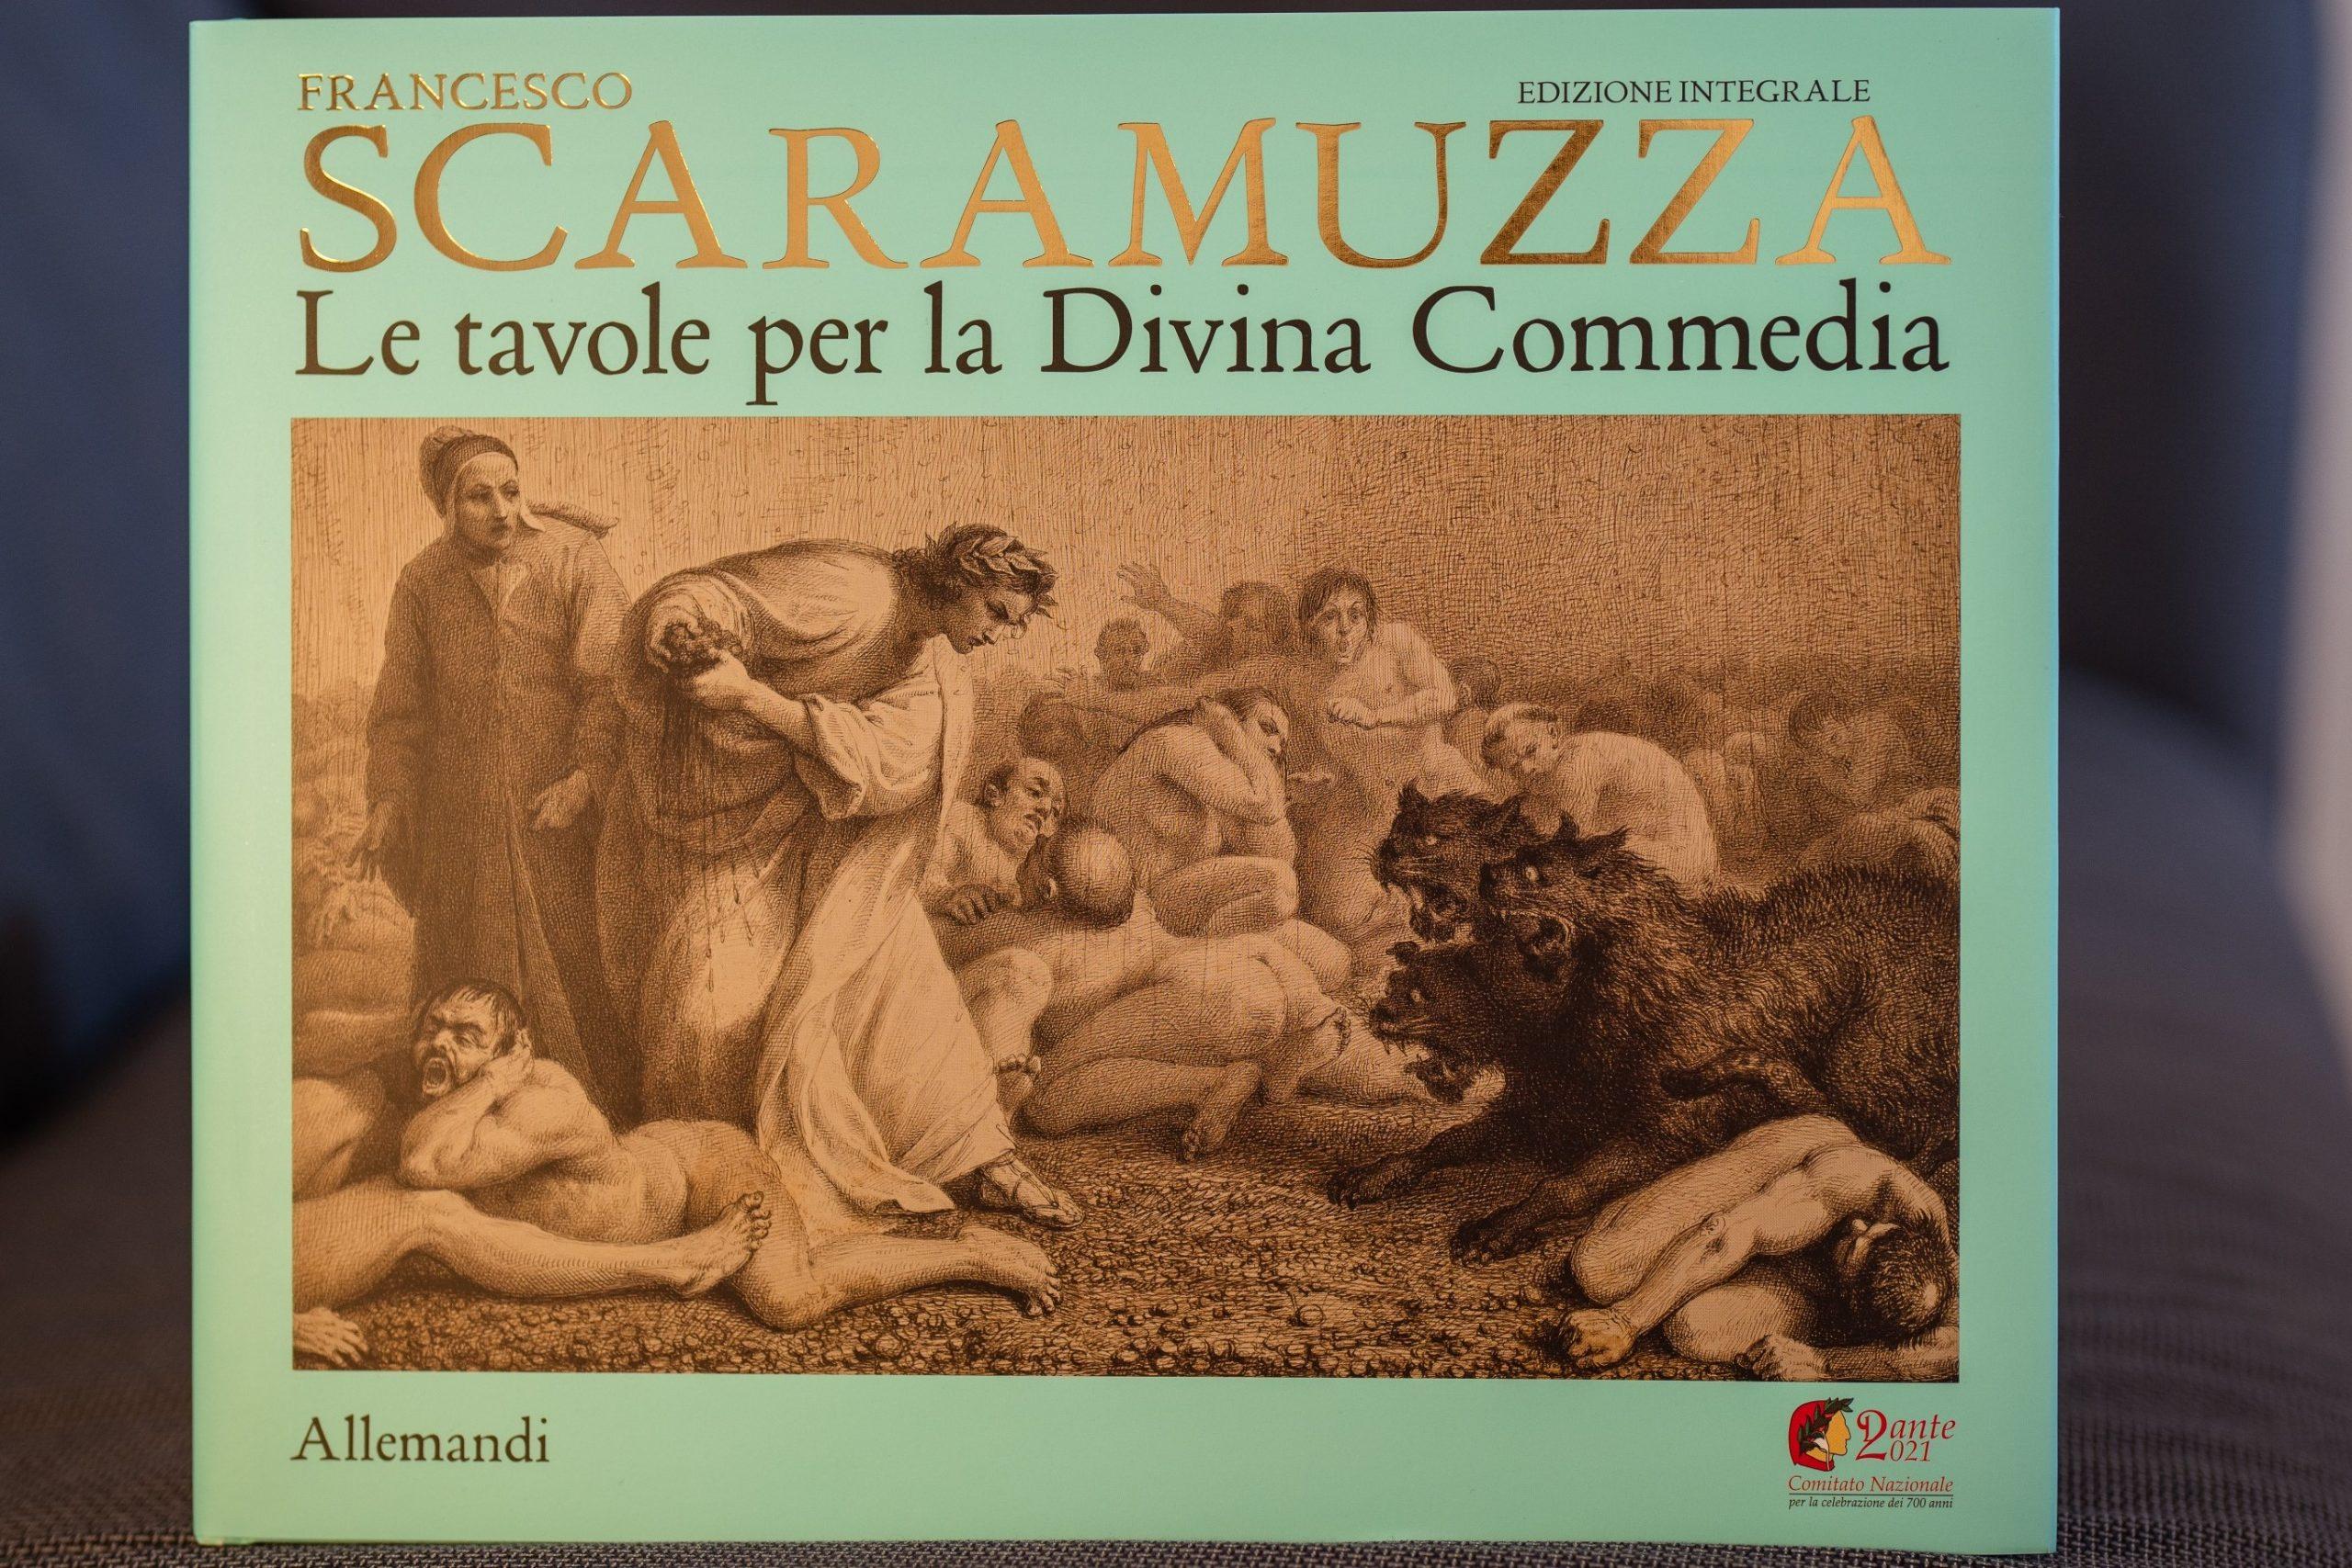 Scaramuzza Divina Commedia